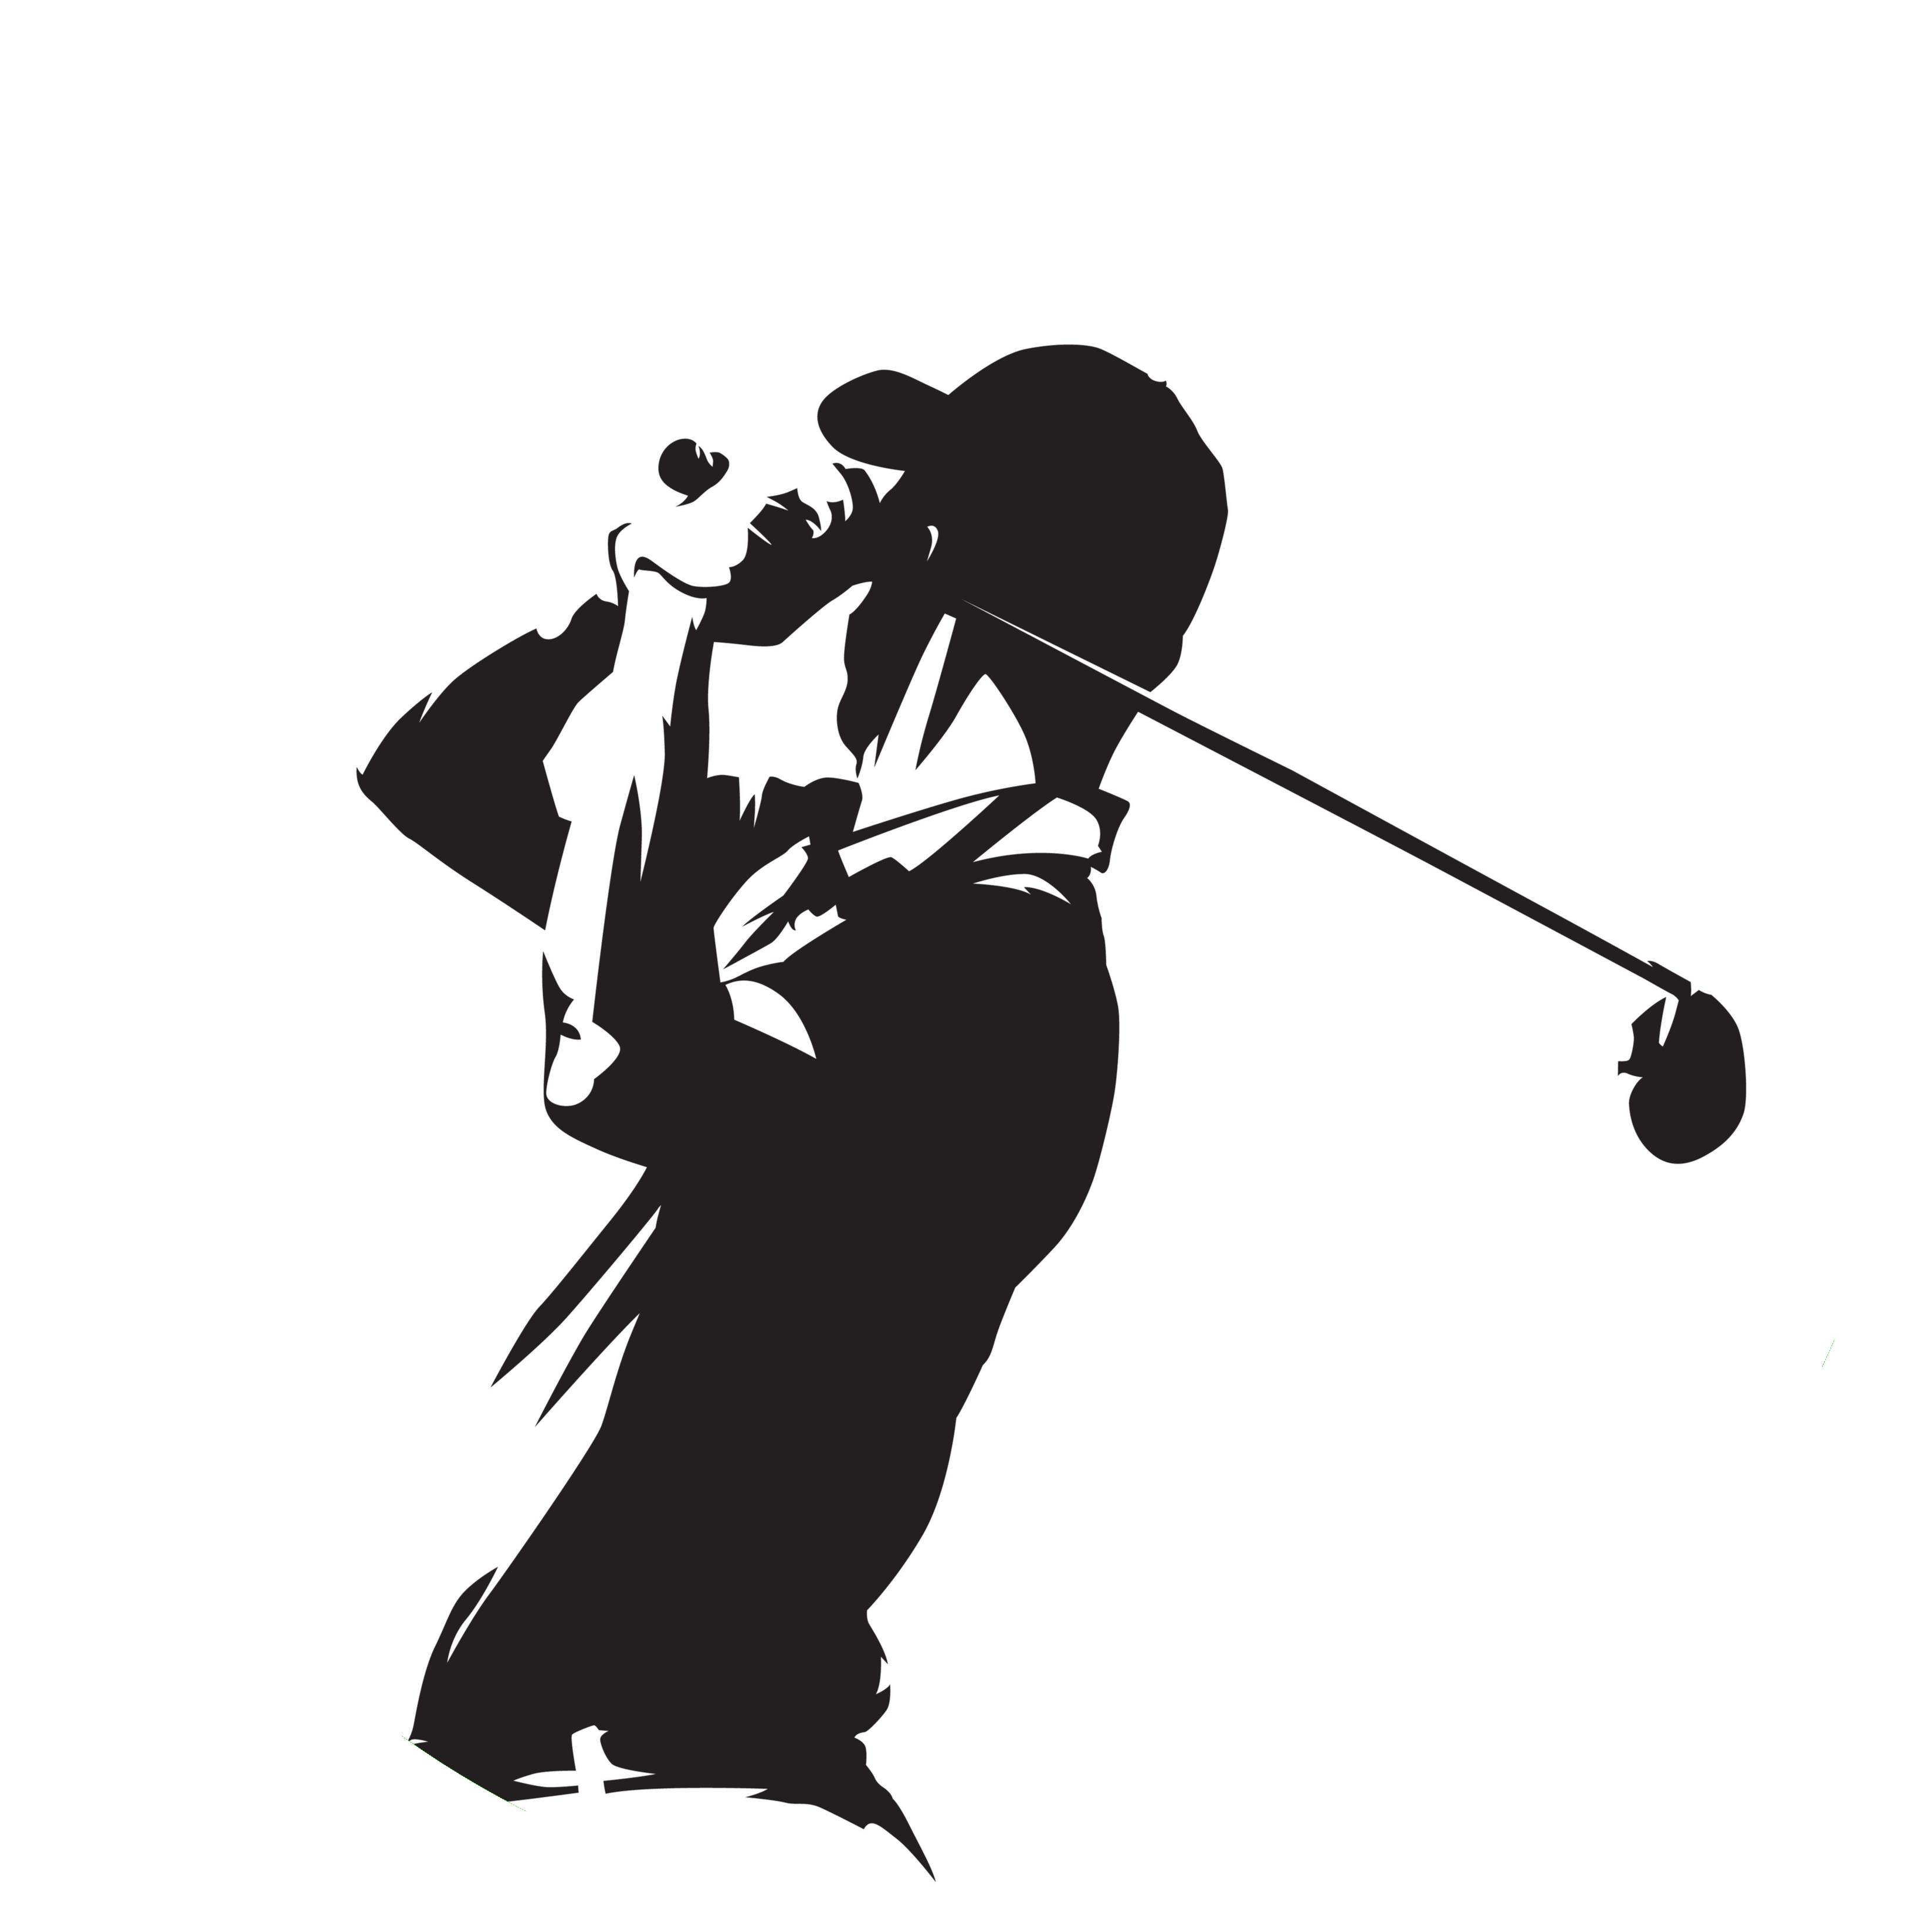 書斎のゴルフ写真切り抜き丸2